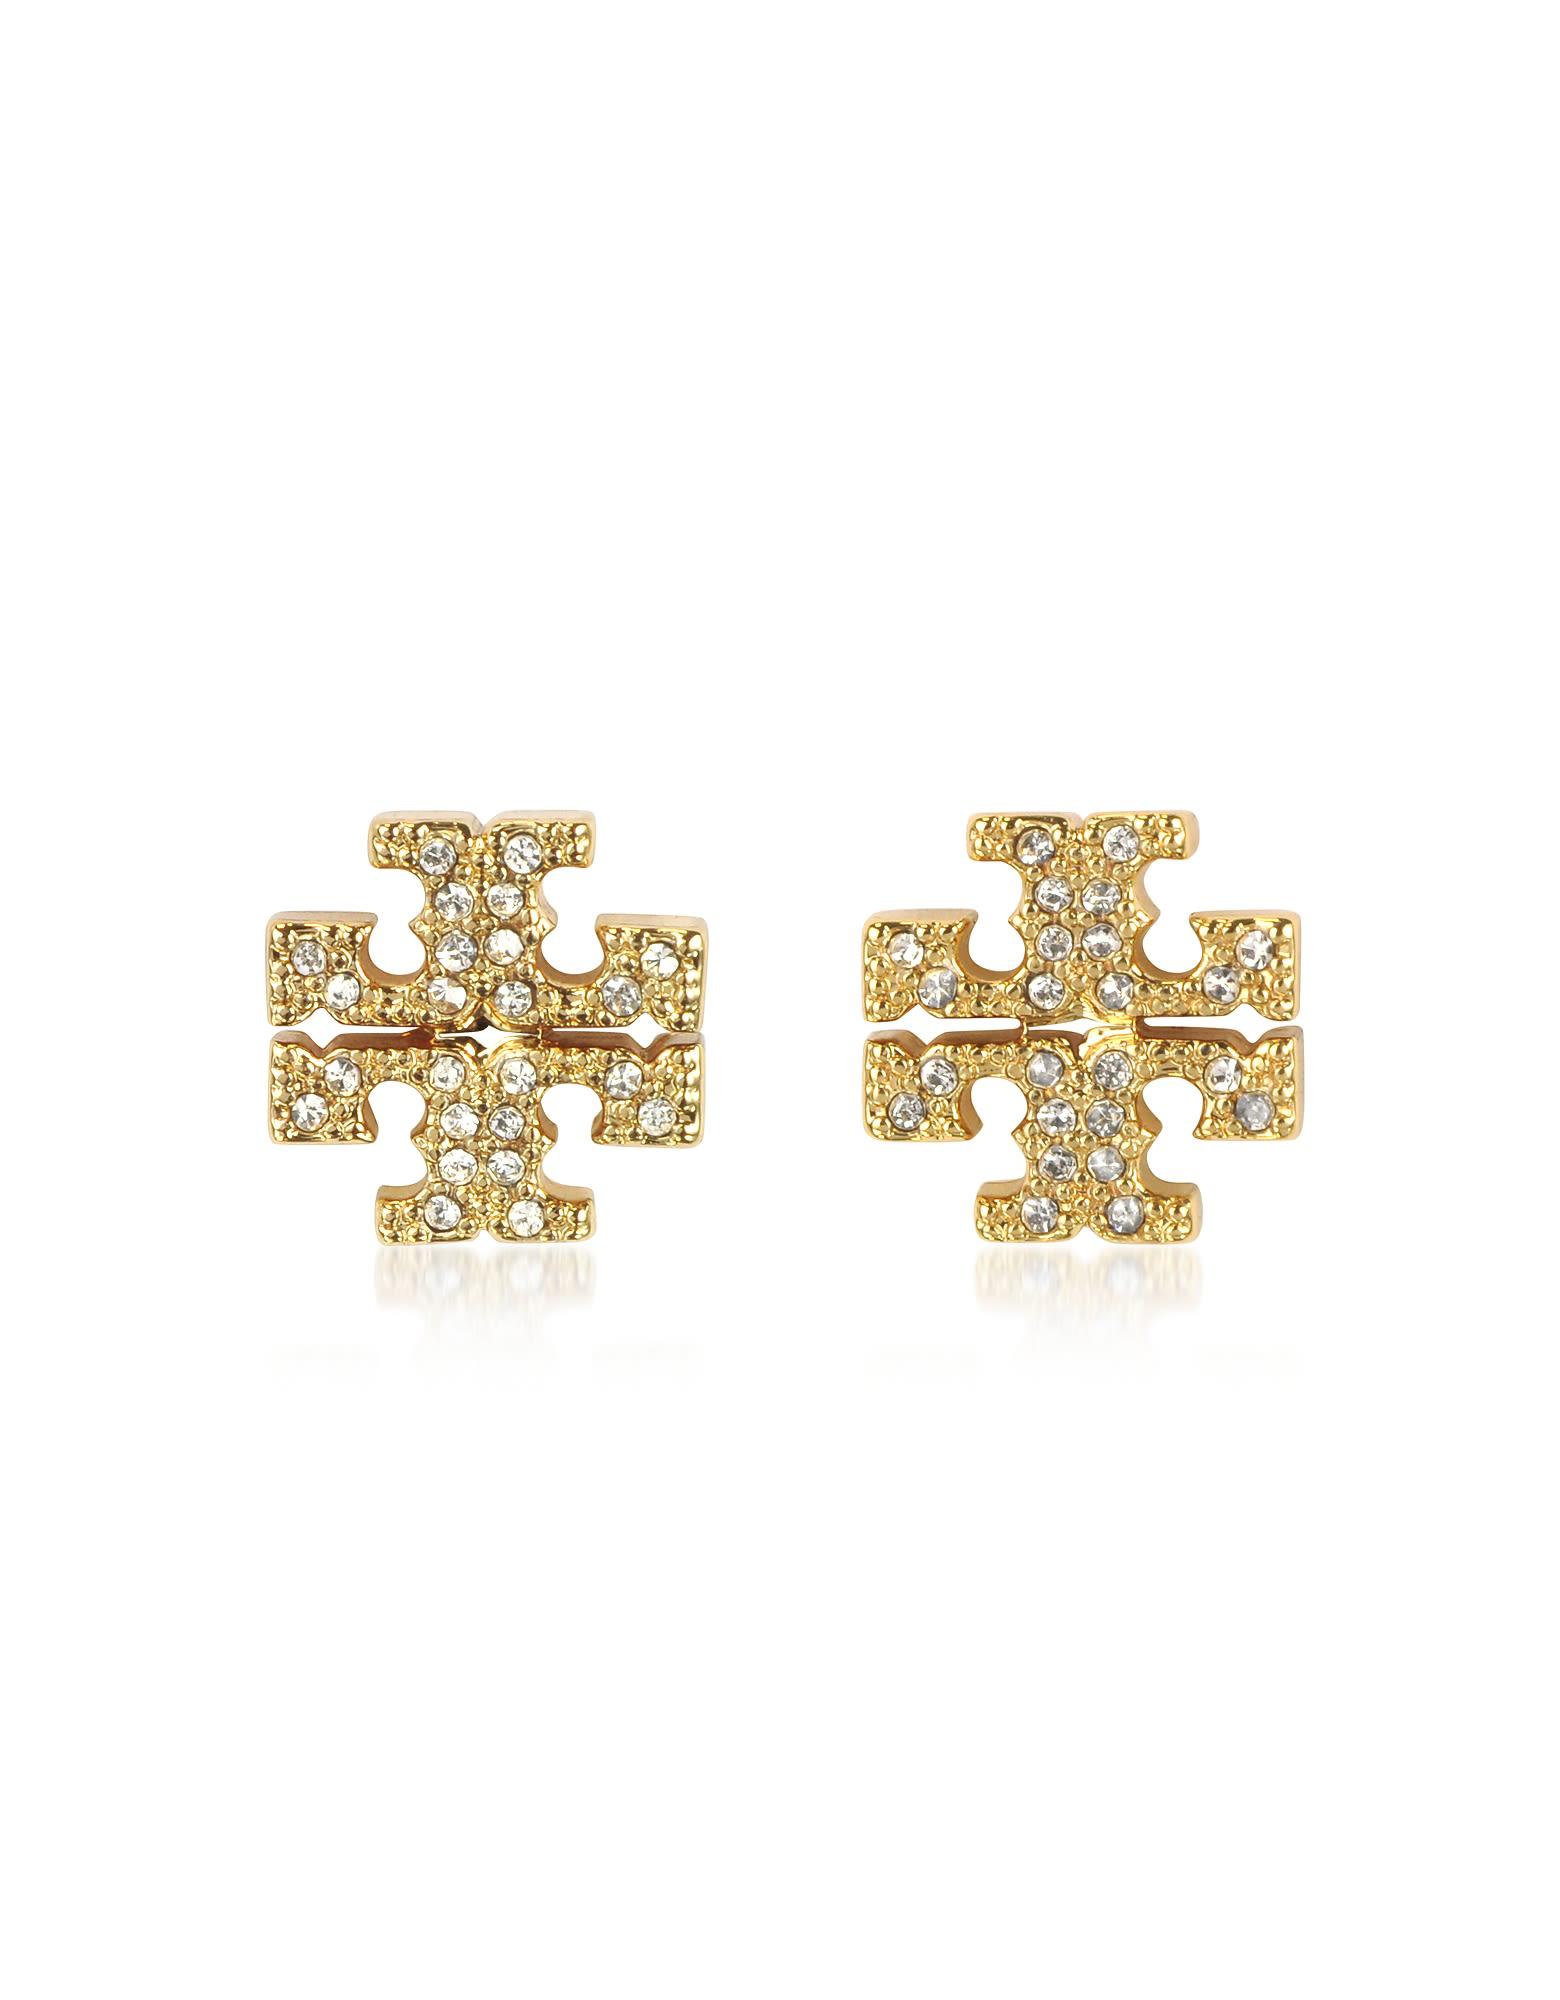 edfea488d51 Tory Burch Crystal Logo Cross-Stud Earrings In Gold | ModeSens